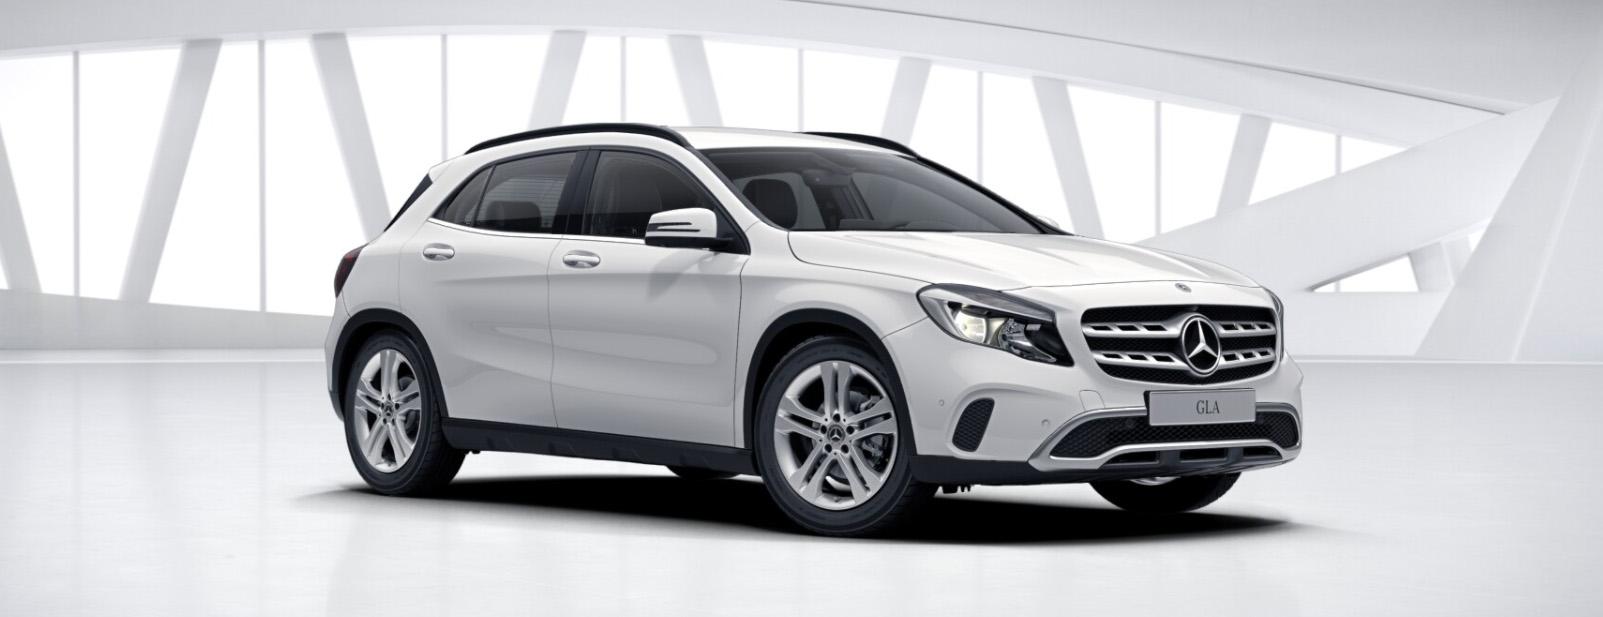 Mercedes-Benz GLA-Class 0852600136